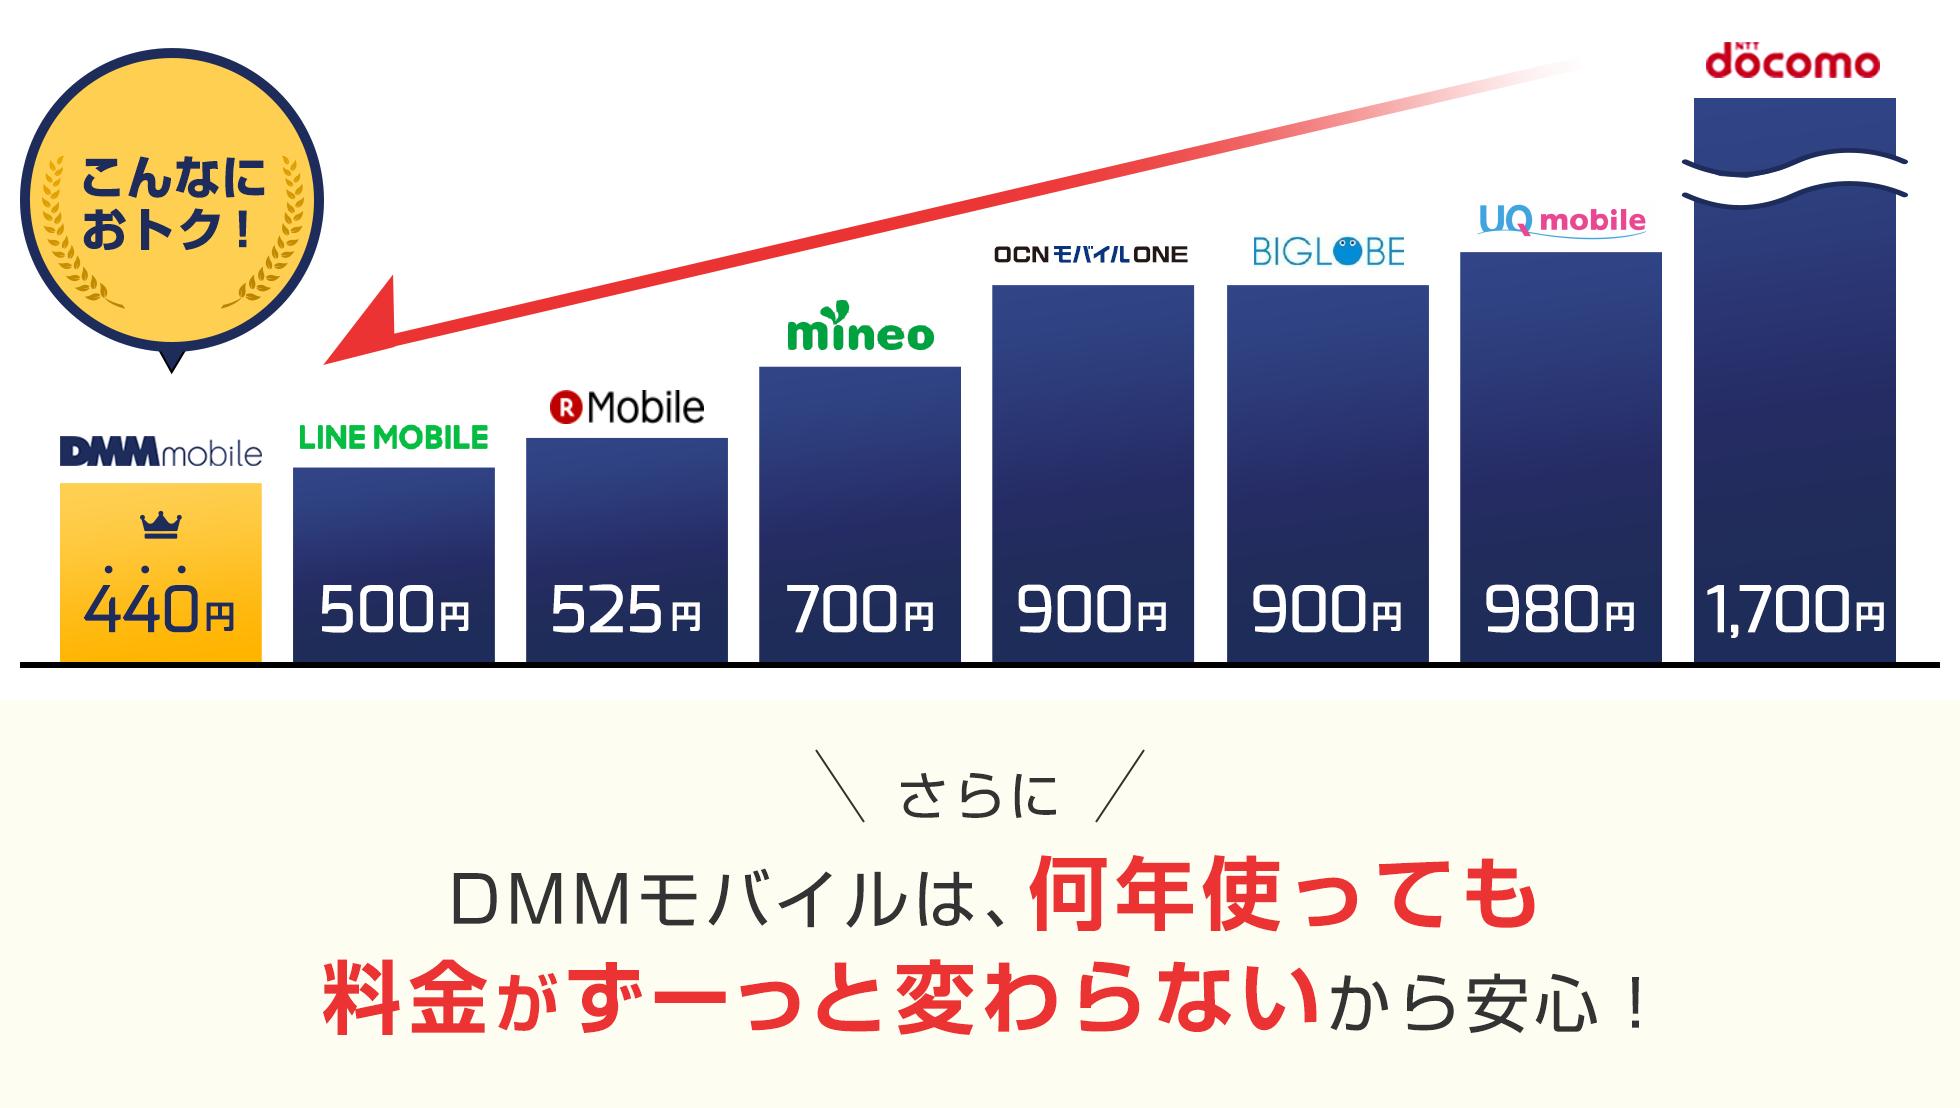 DMMモバイルは、何年使っても料金がずーっと変わらないから安心!